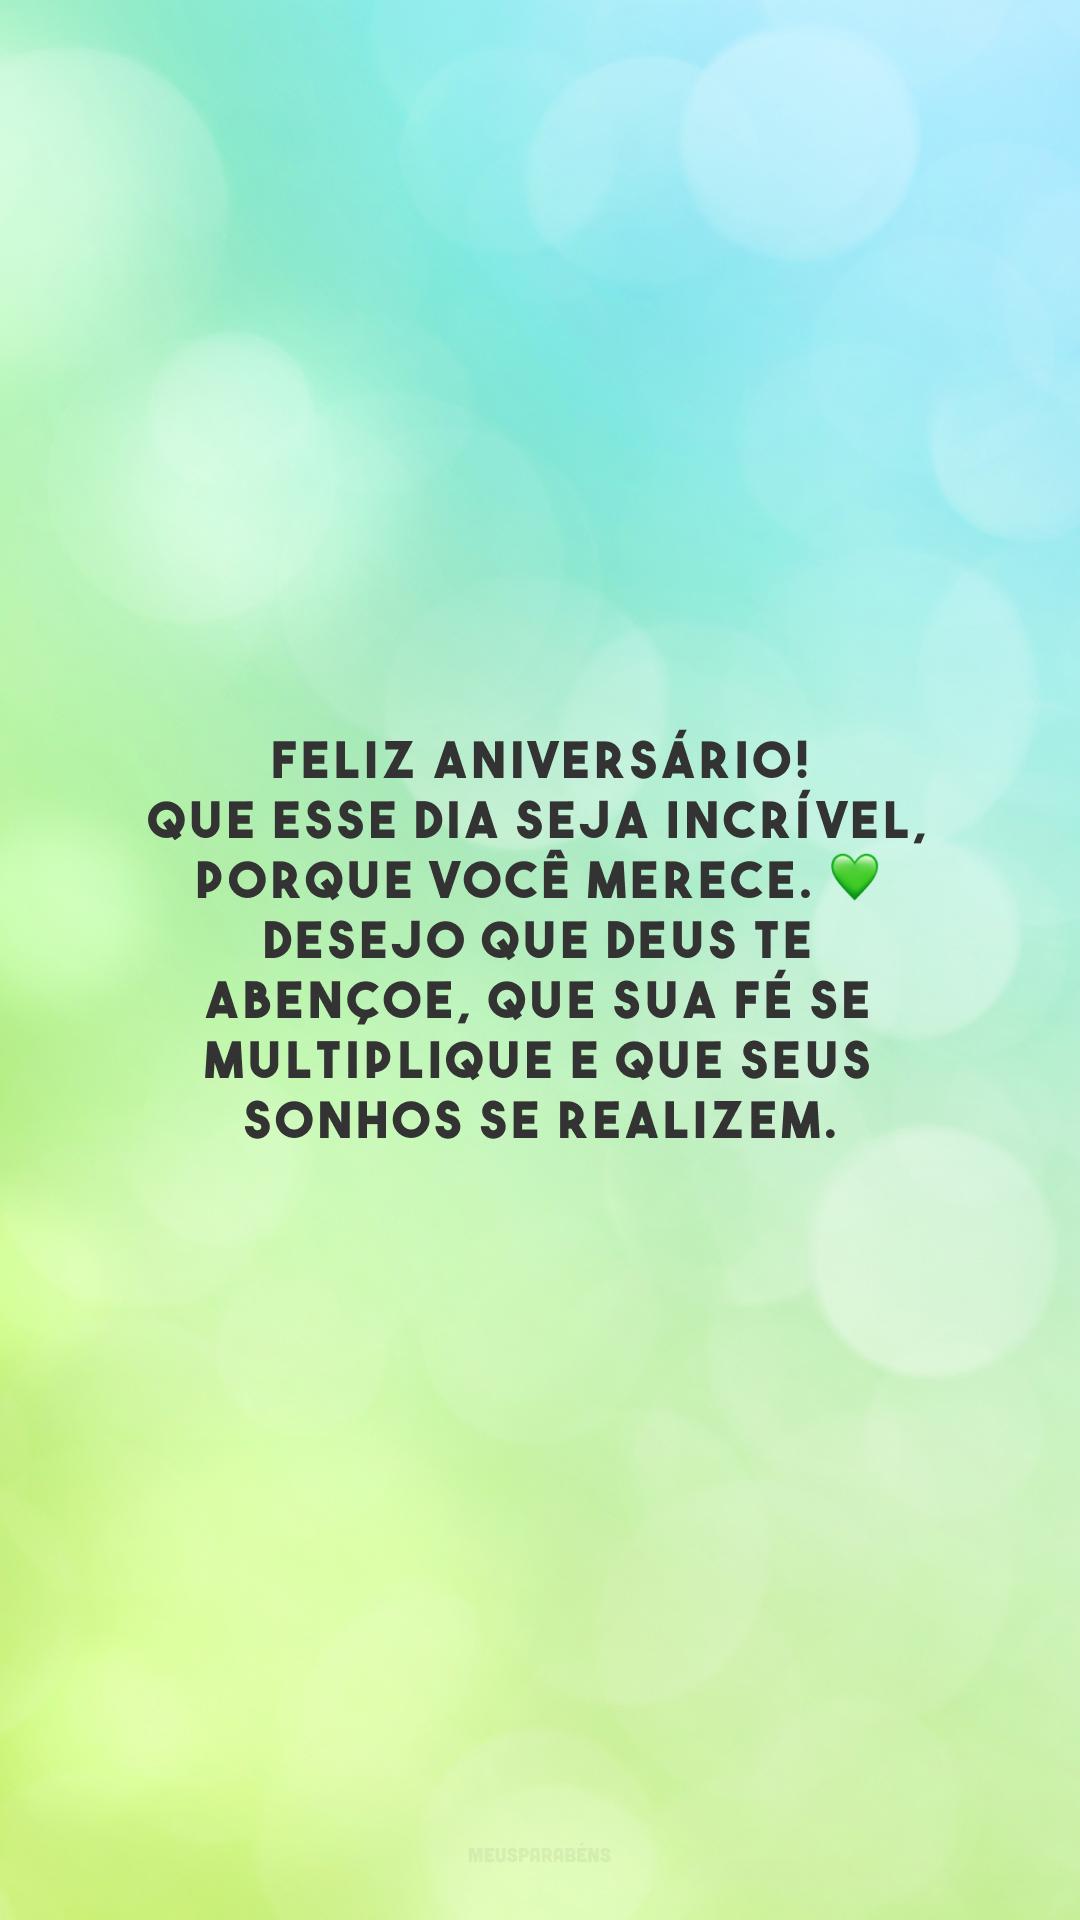 Feliz aniversário! Que esse dia seja incrível, porque você merece. Desejo que Deus te abençoe, que sua fé se multiplique e que seus sonhos se realizem.